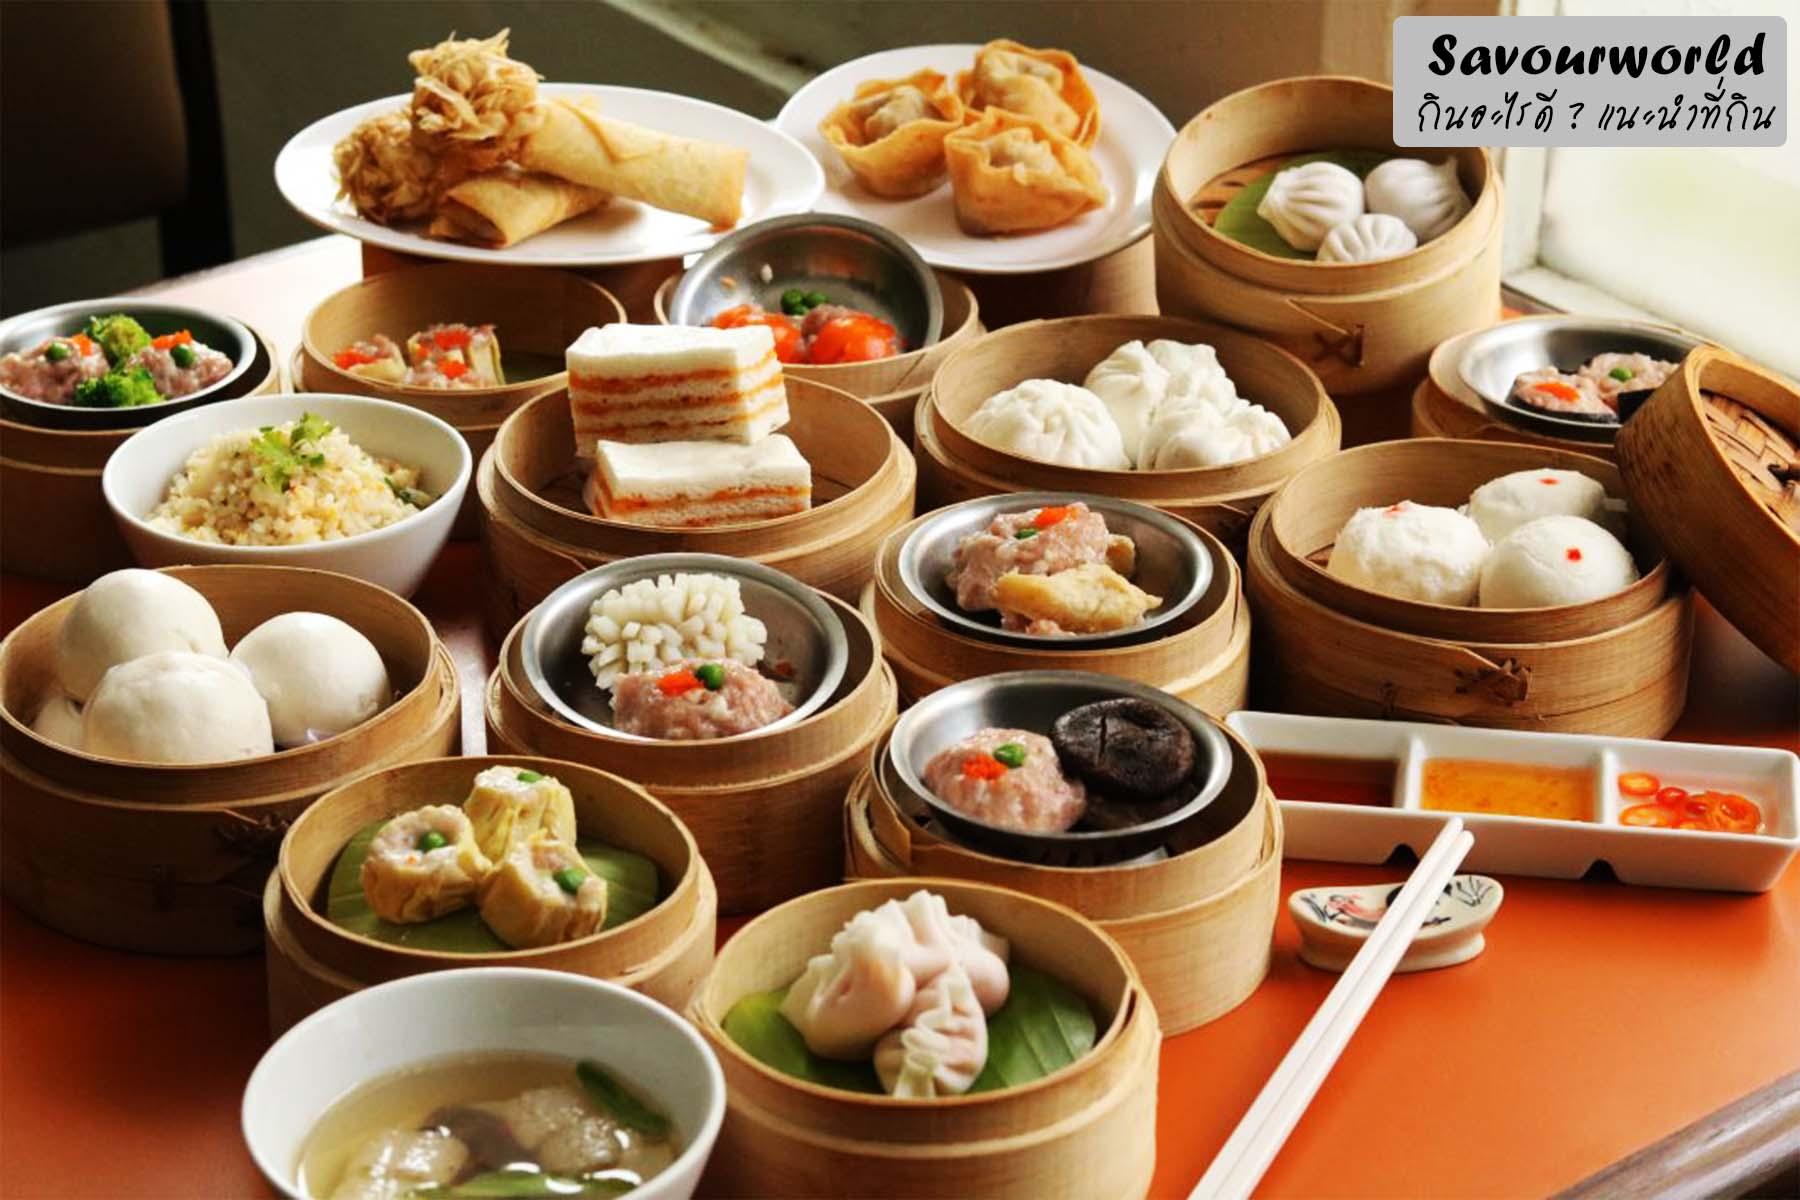 ติ่มซำ อาหารรับประทานเล่นของจีน ที่กินแล้วต้องติดใจ! - savourworld.com